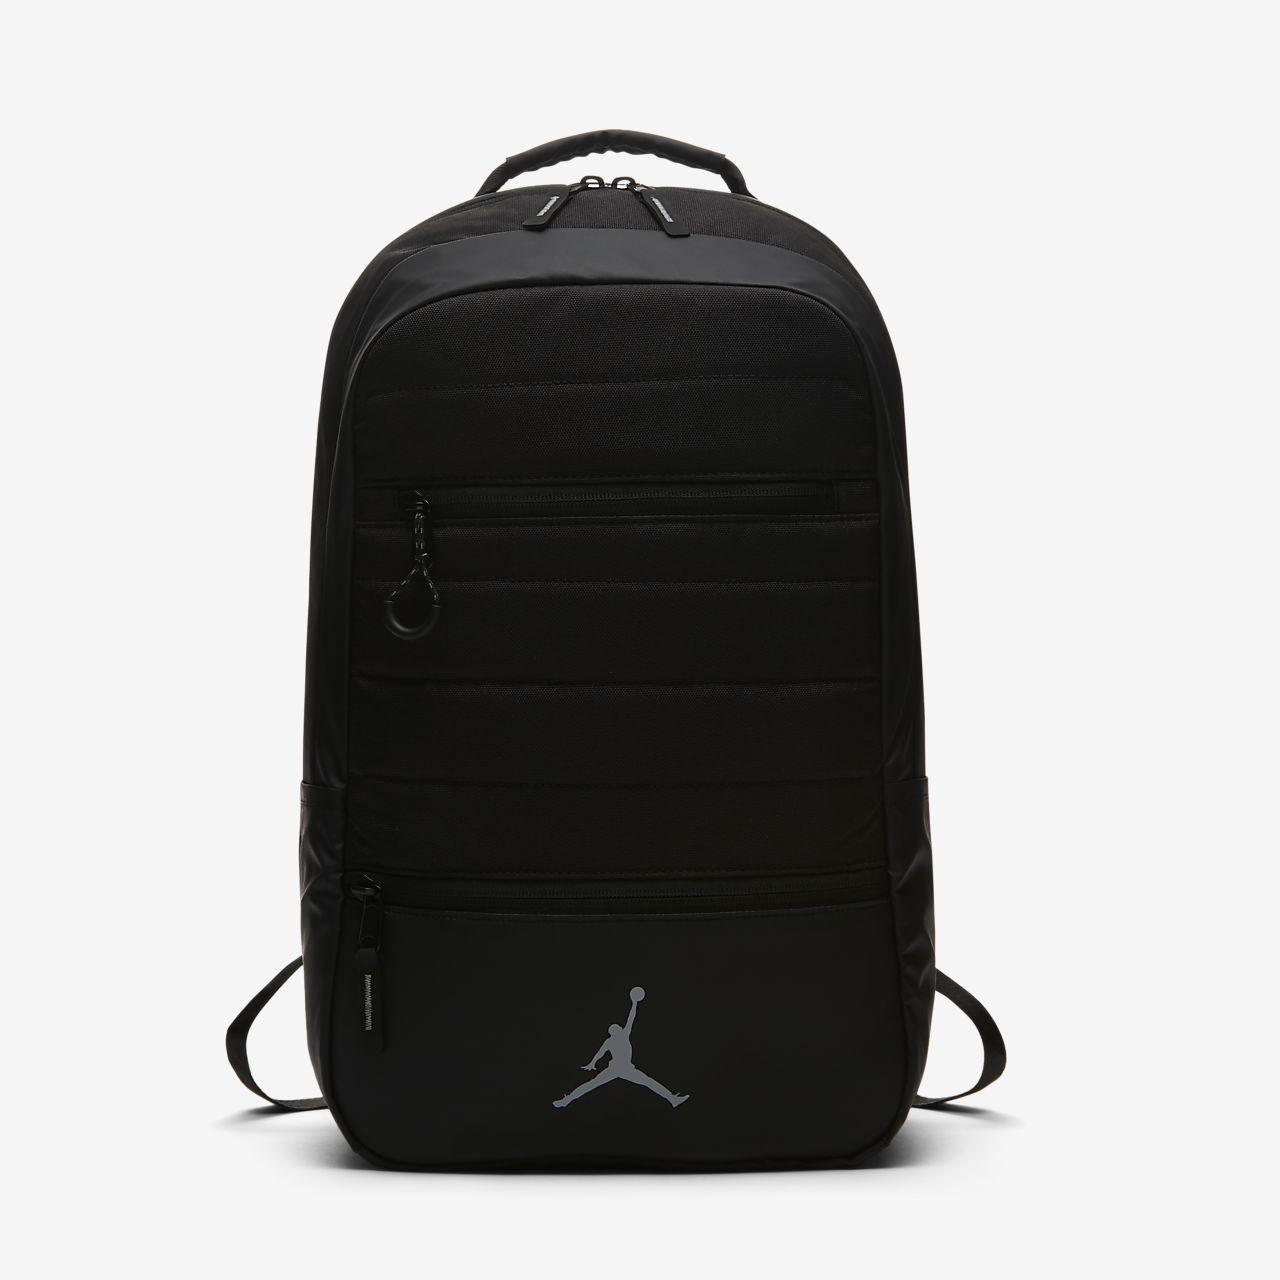 3a3e908ee4 Jordan Back Packs For Girls - Notary Chamber